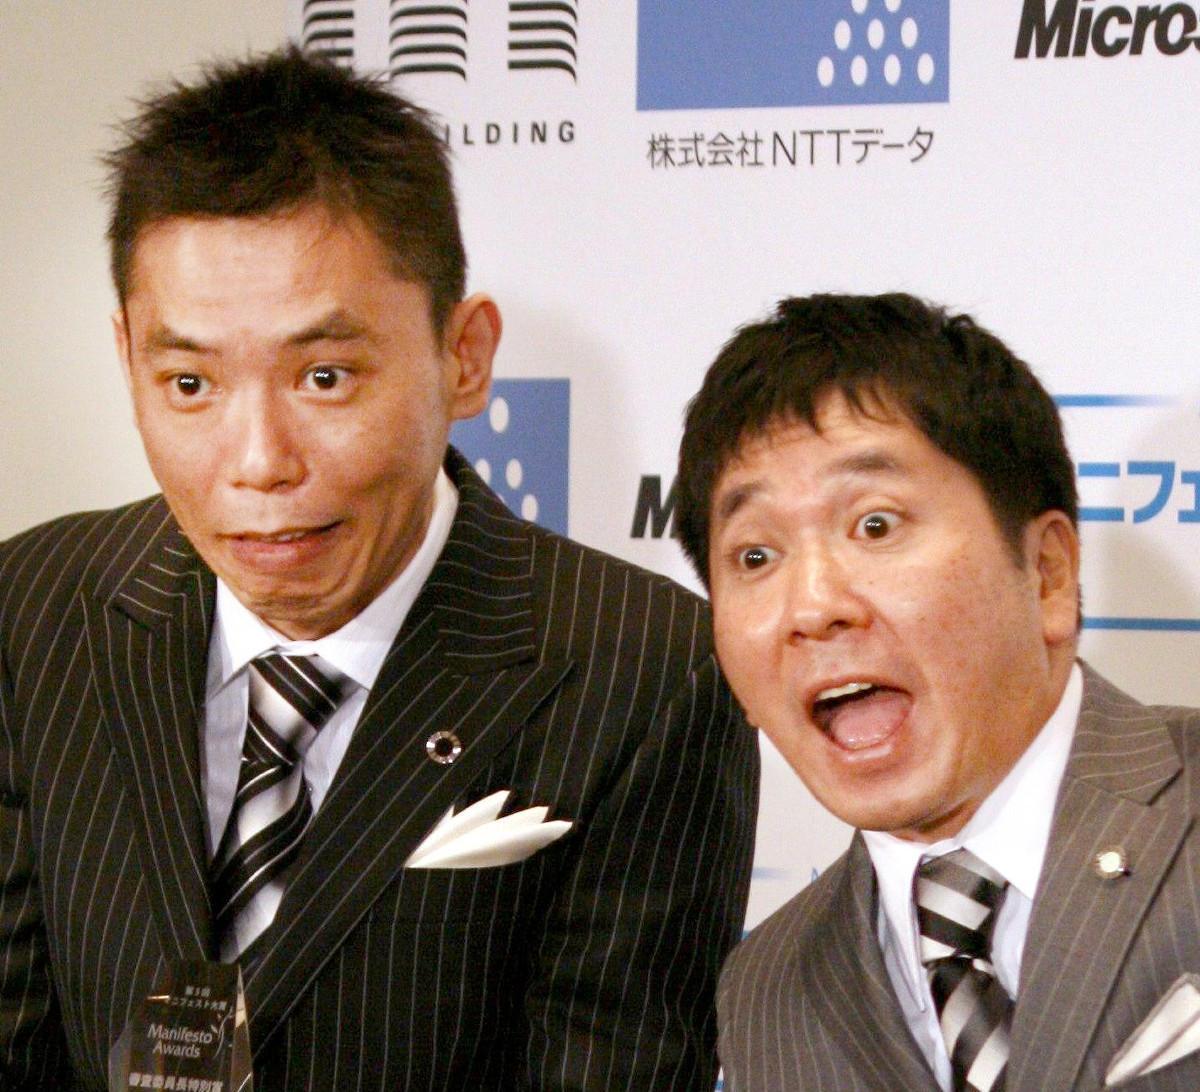 爆笑問題の太田光(左)と田中